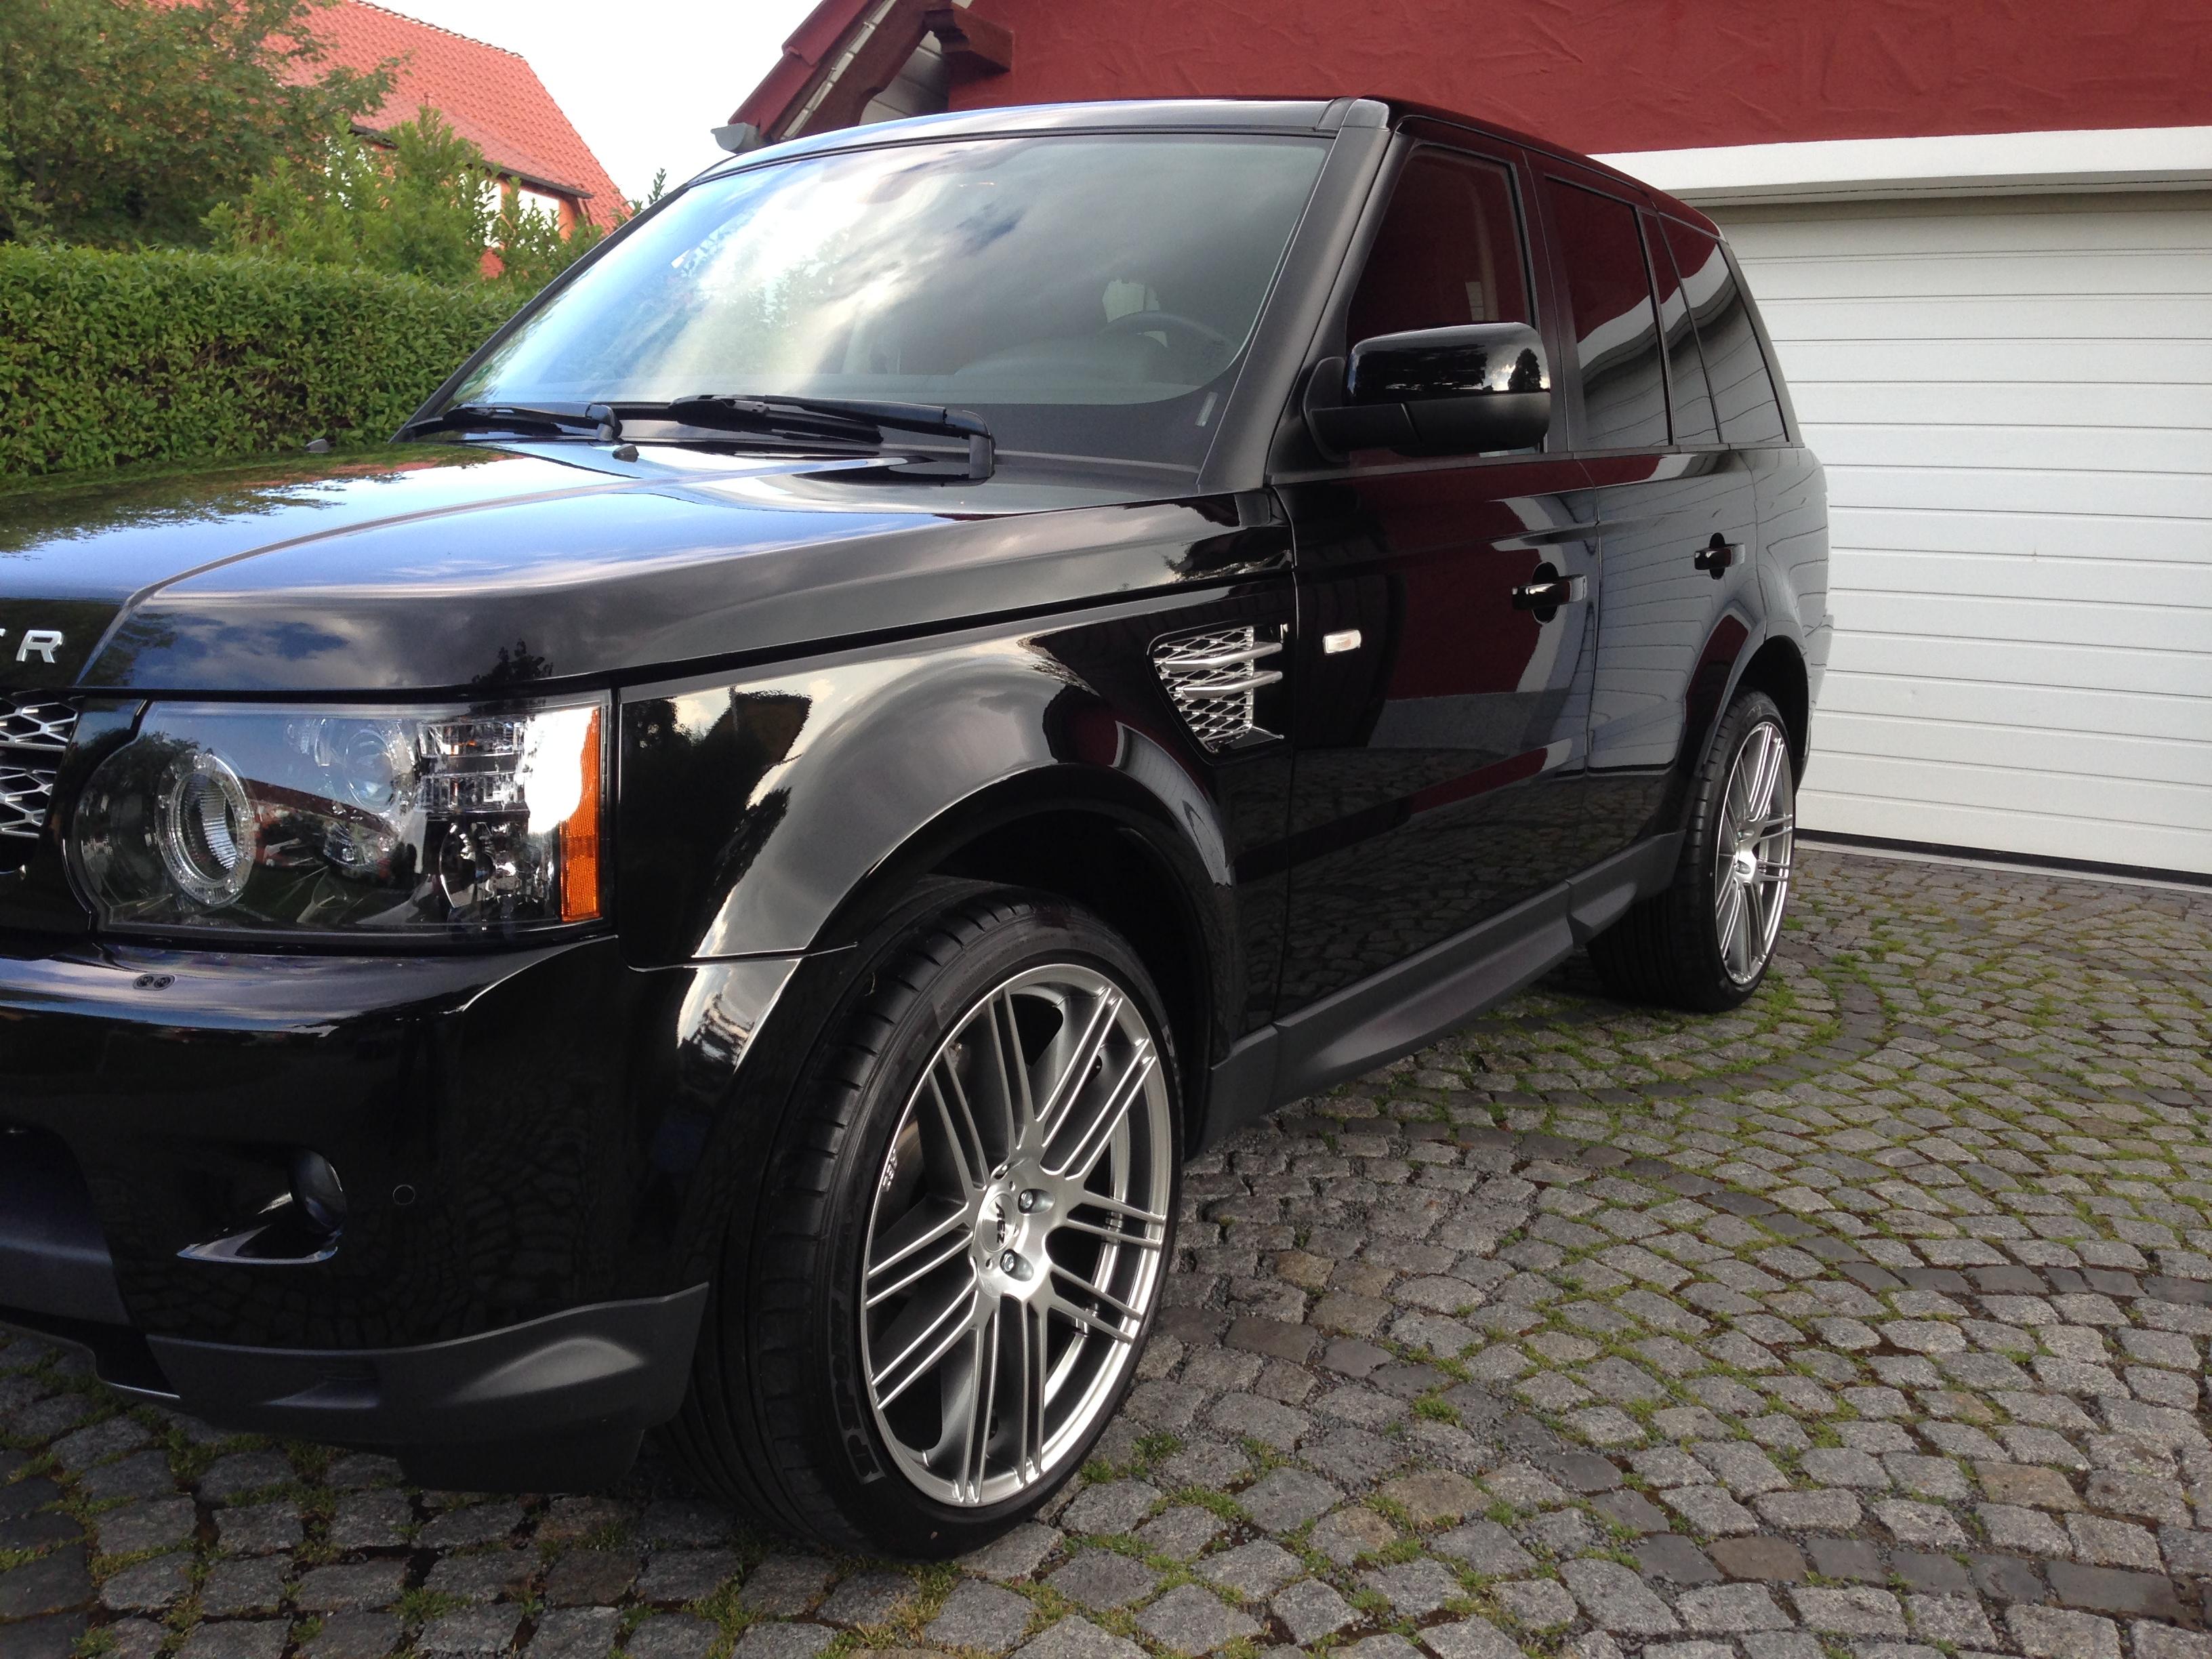 Autoreinigung Range Rover